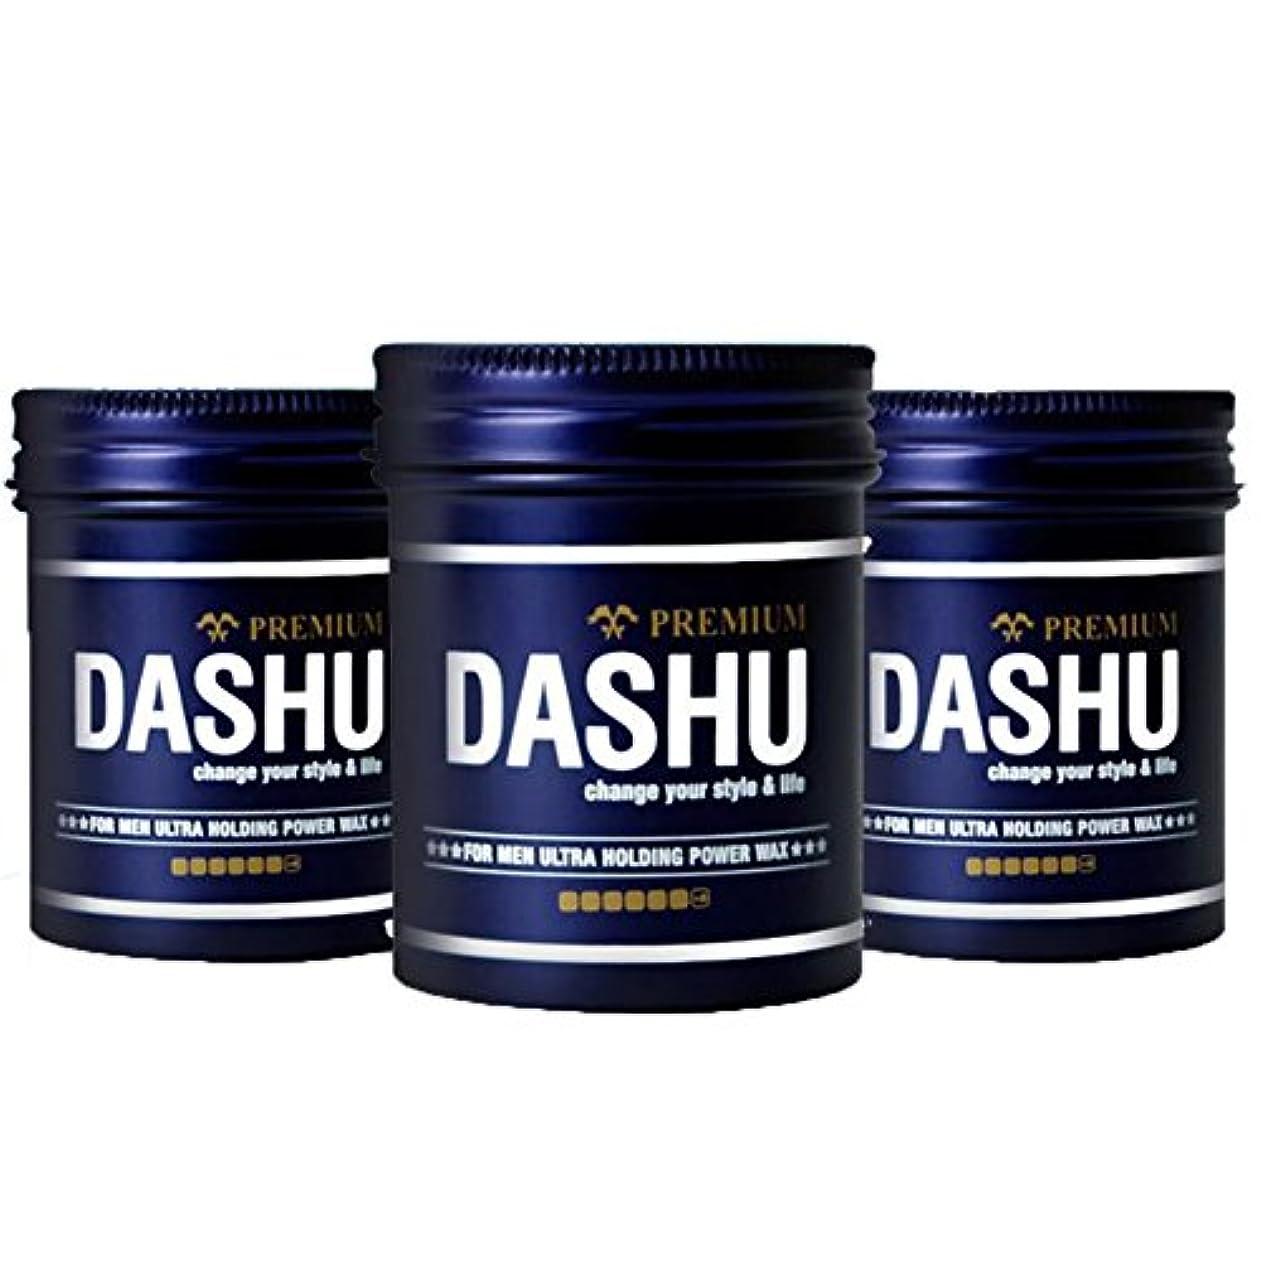 小道具鰐ディレイ(3個セット) x [DASHU] ダシュ For Men男性用 プレミアムウルトラホールディングパワーワックス Premium Ultra Holding Power Hair Wax 100m l/ 韓国製 . 韓国直送品